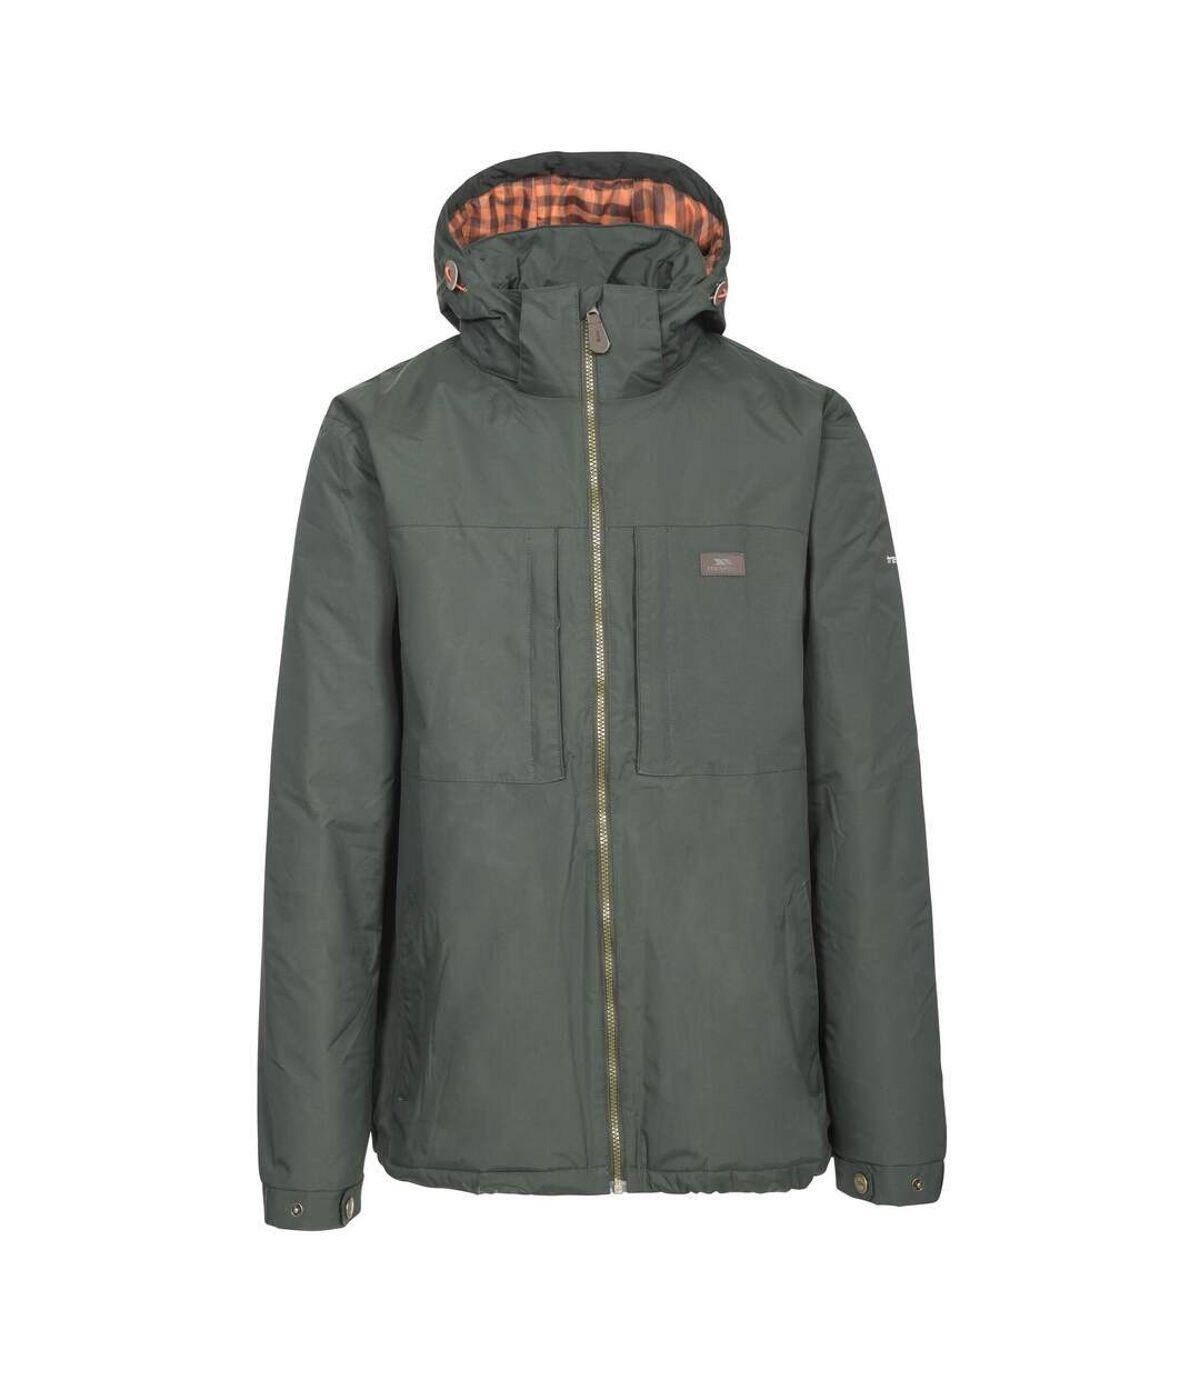 Trespass Mens Savio Jacket (Olive) - UTTP4257